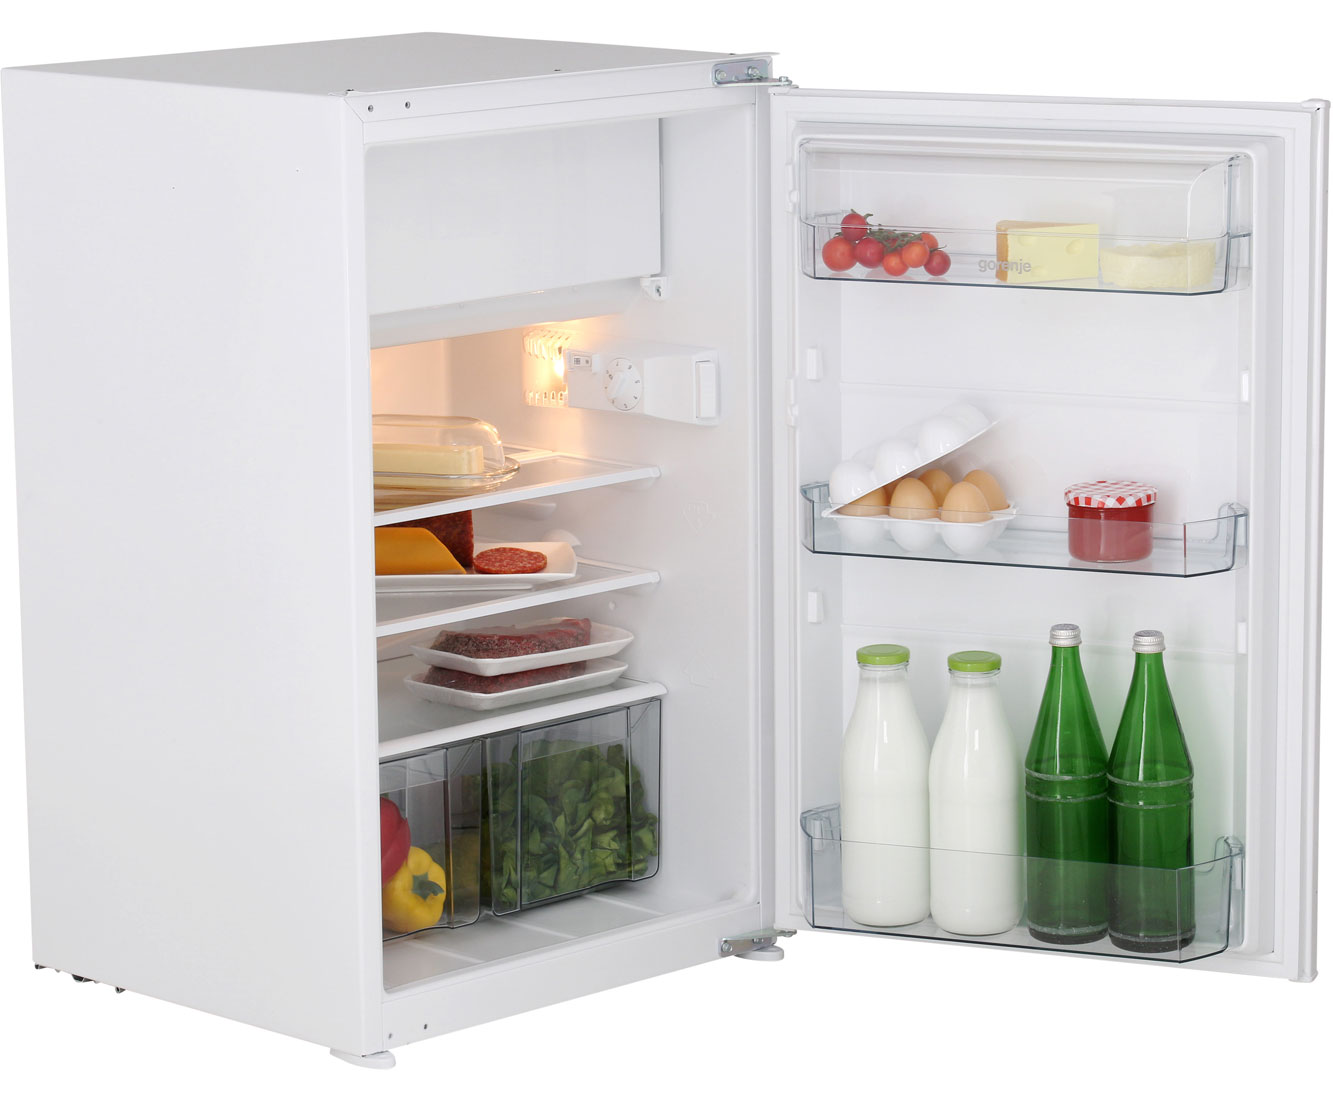 Gorenje Kühlschrank Gemüsefach : Gorenje rbi aw einbau kühlschrank mit gefrierfach er